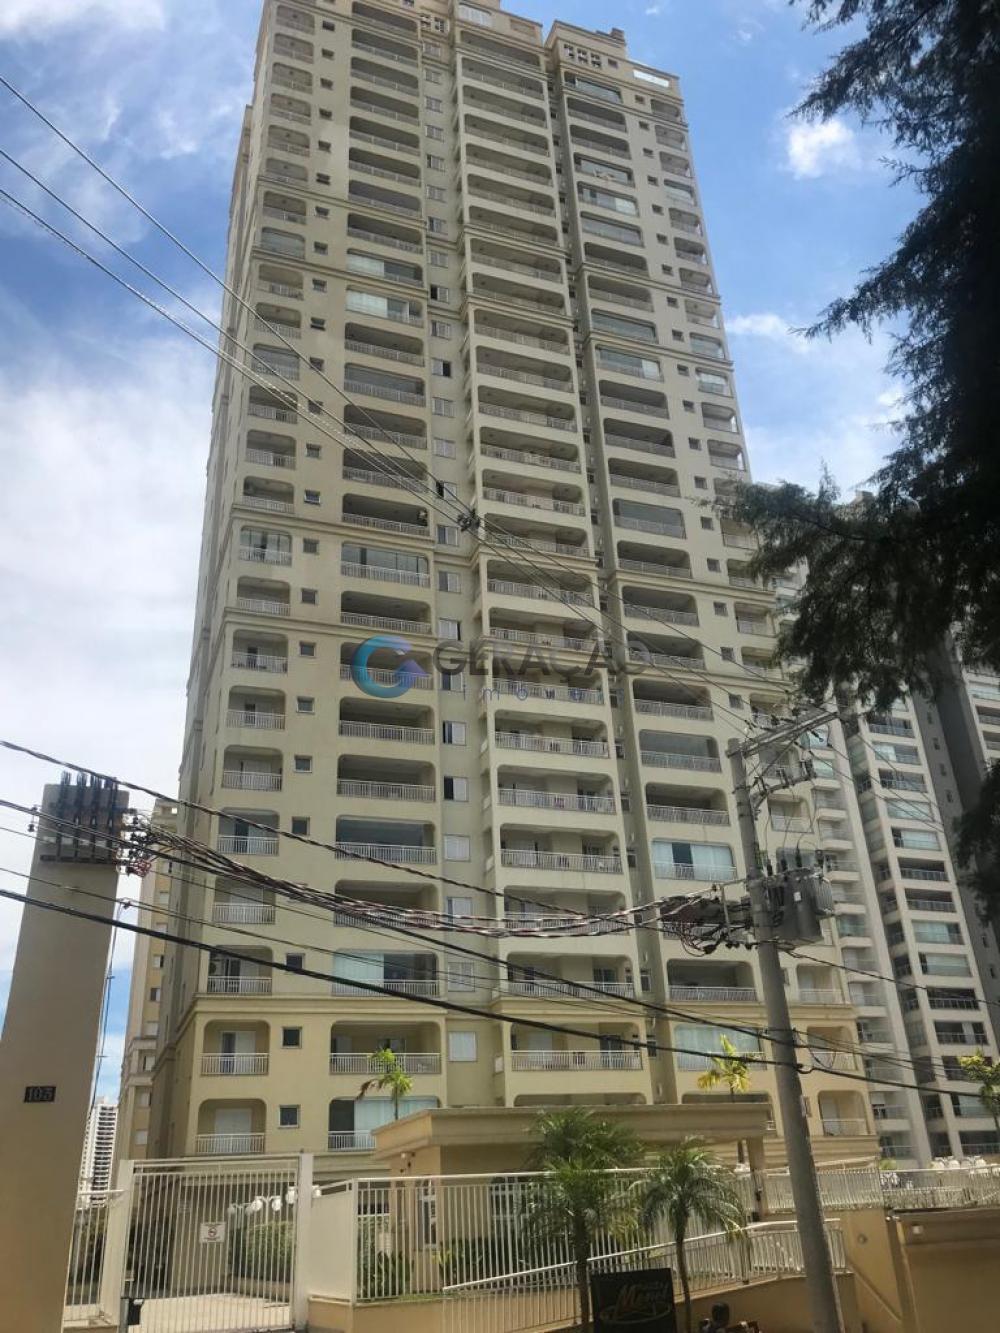 Comprar Apartamento / Padrão em São José dos Campos apenas R$ 470.000,00 - Foto 1